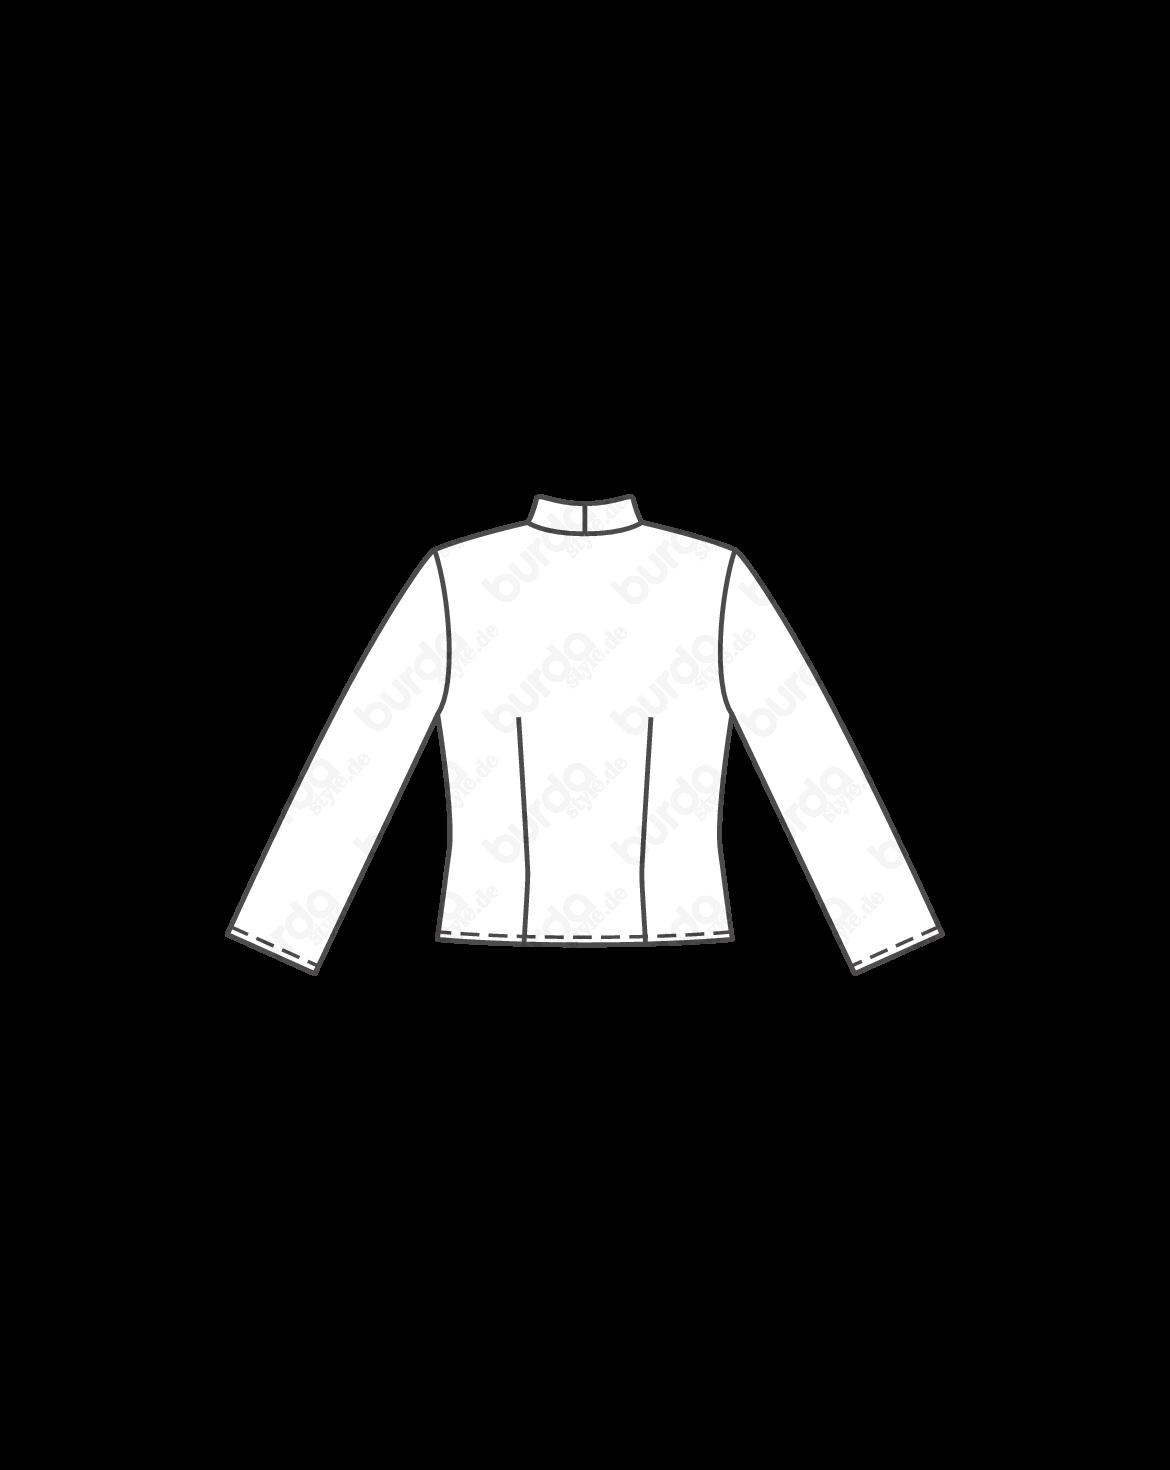 burda style, Schnittmuster, Bindebluse - 3/4-Ärmel 04/2013 #120B, Kurze Bluse mit Spatenkragen und 3/4-langen Ärmeln. Sie brauchen: Elastik-Popeline, querelastisch, 125 cm breit: 1,25 – 1,25 – 1,30 – 1,30 – 1,45 m. Vlieseline G 785. 1 Knopf. Stoffempfehlung: Blusenstoffe, mit oder ohne Elastan-Anteil.